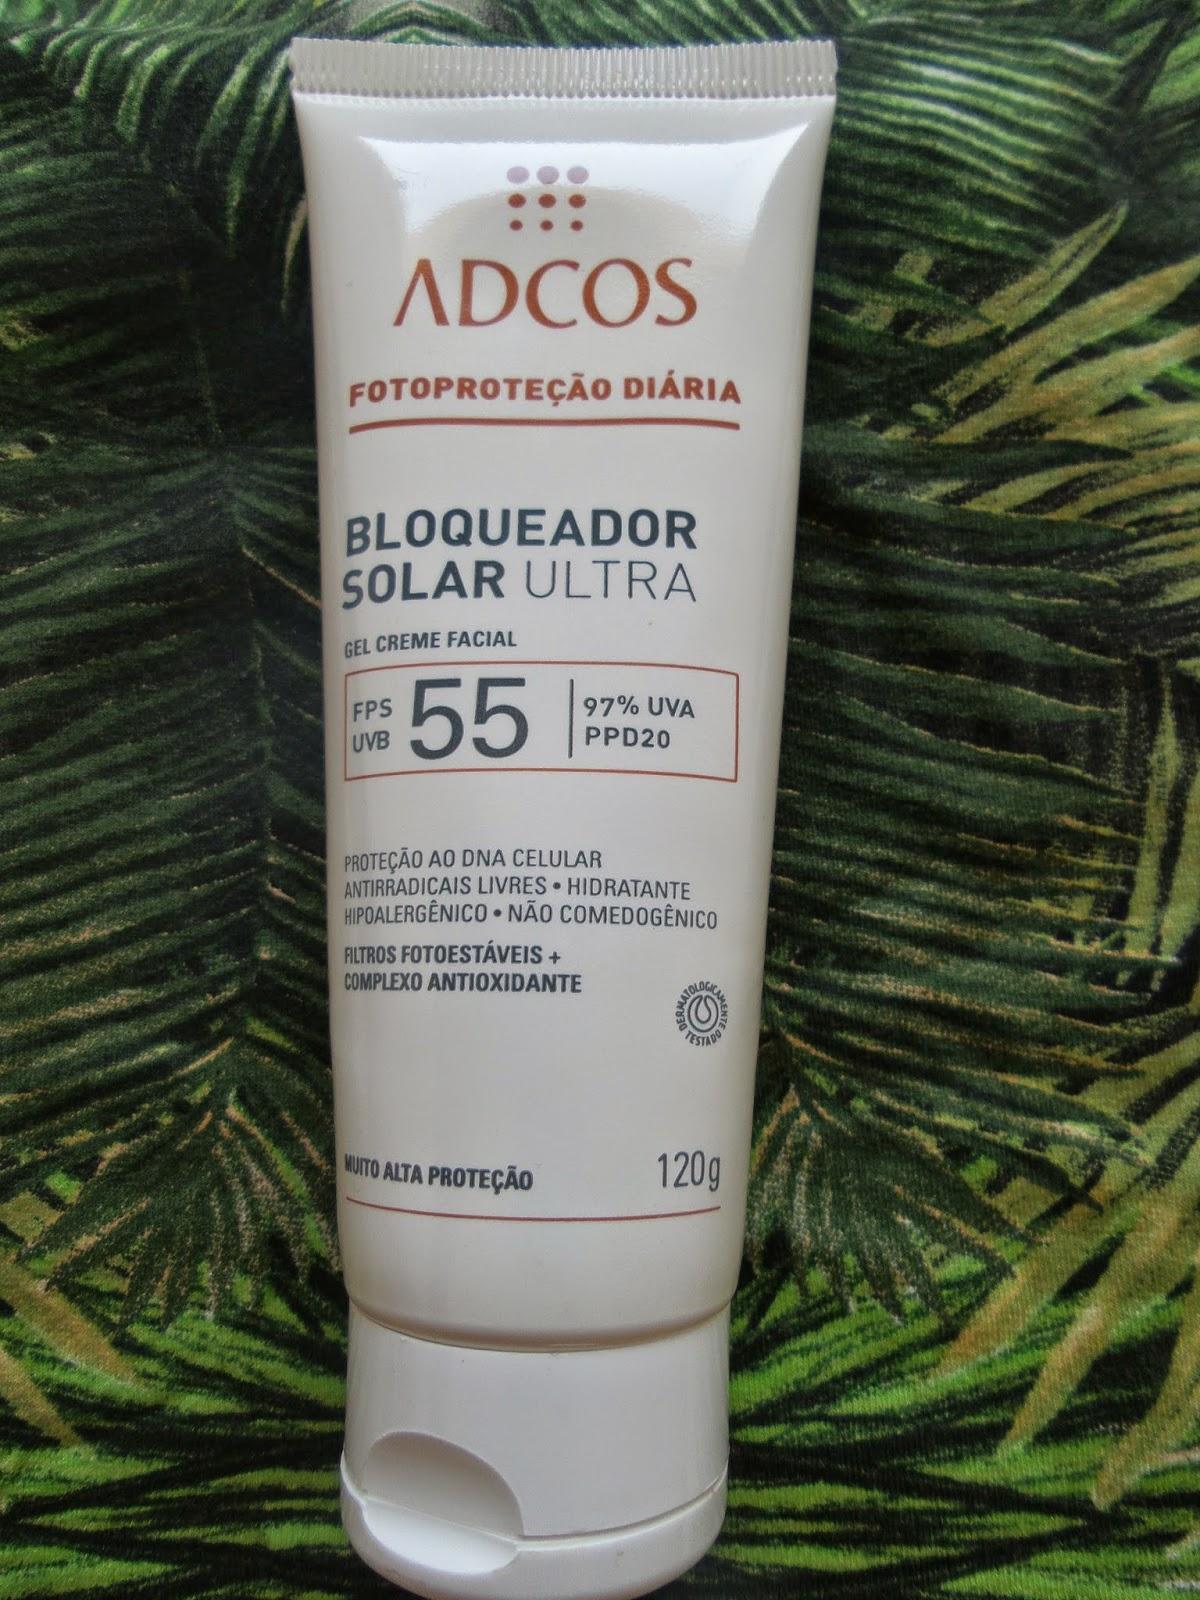 Bloqueador Solar Ultra FPS 55 Adcos